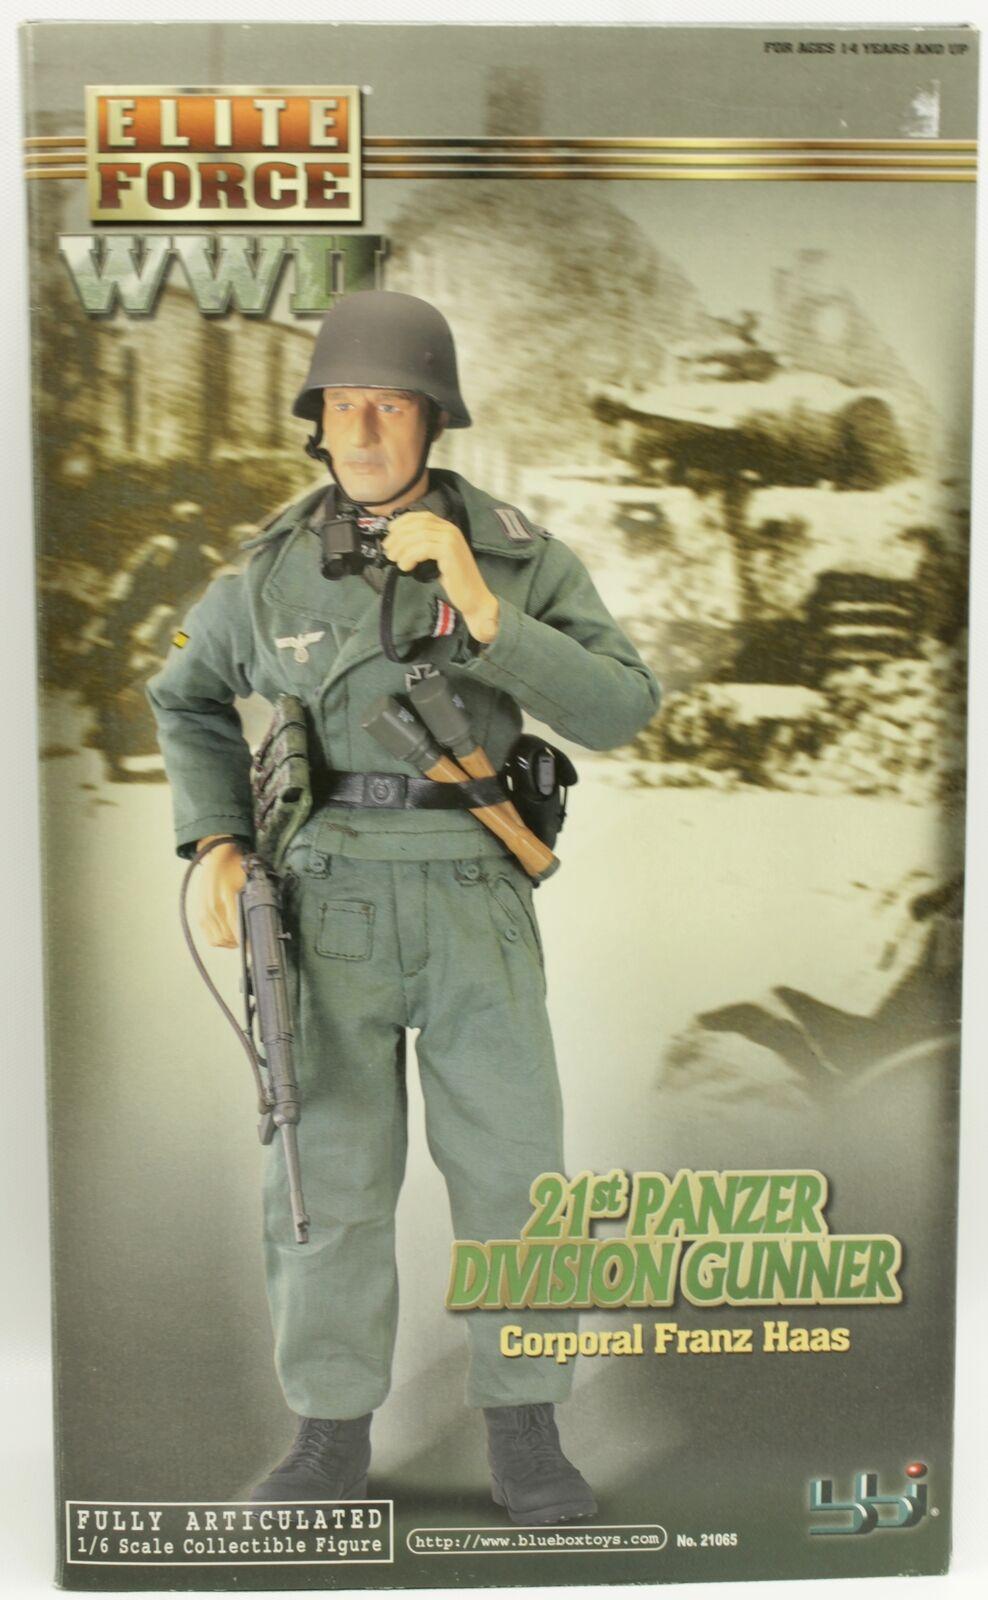 WWII Elite Force CPL Franz Haas 21st Panzer Division Gunner BBI 12